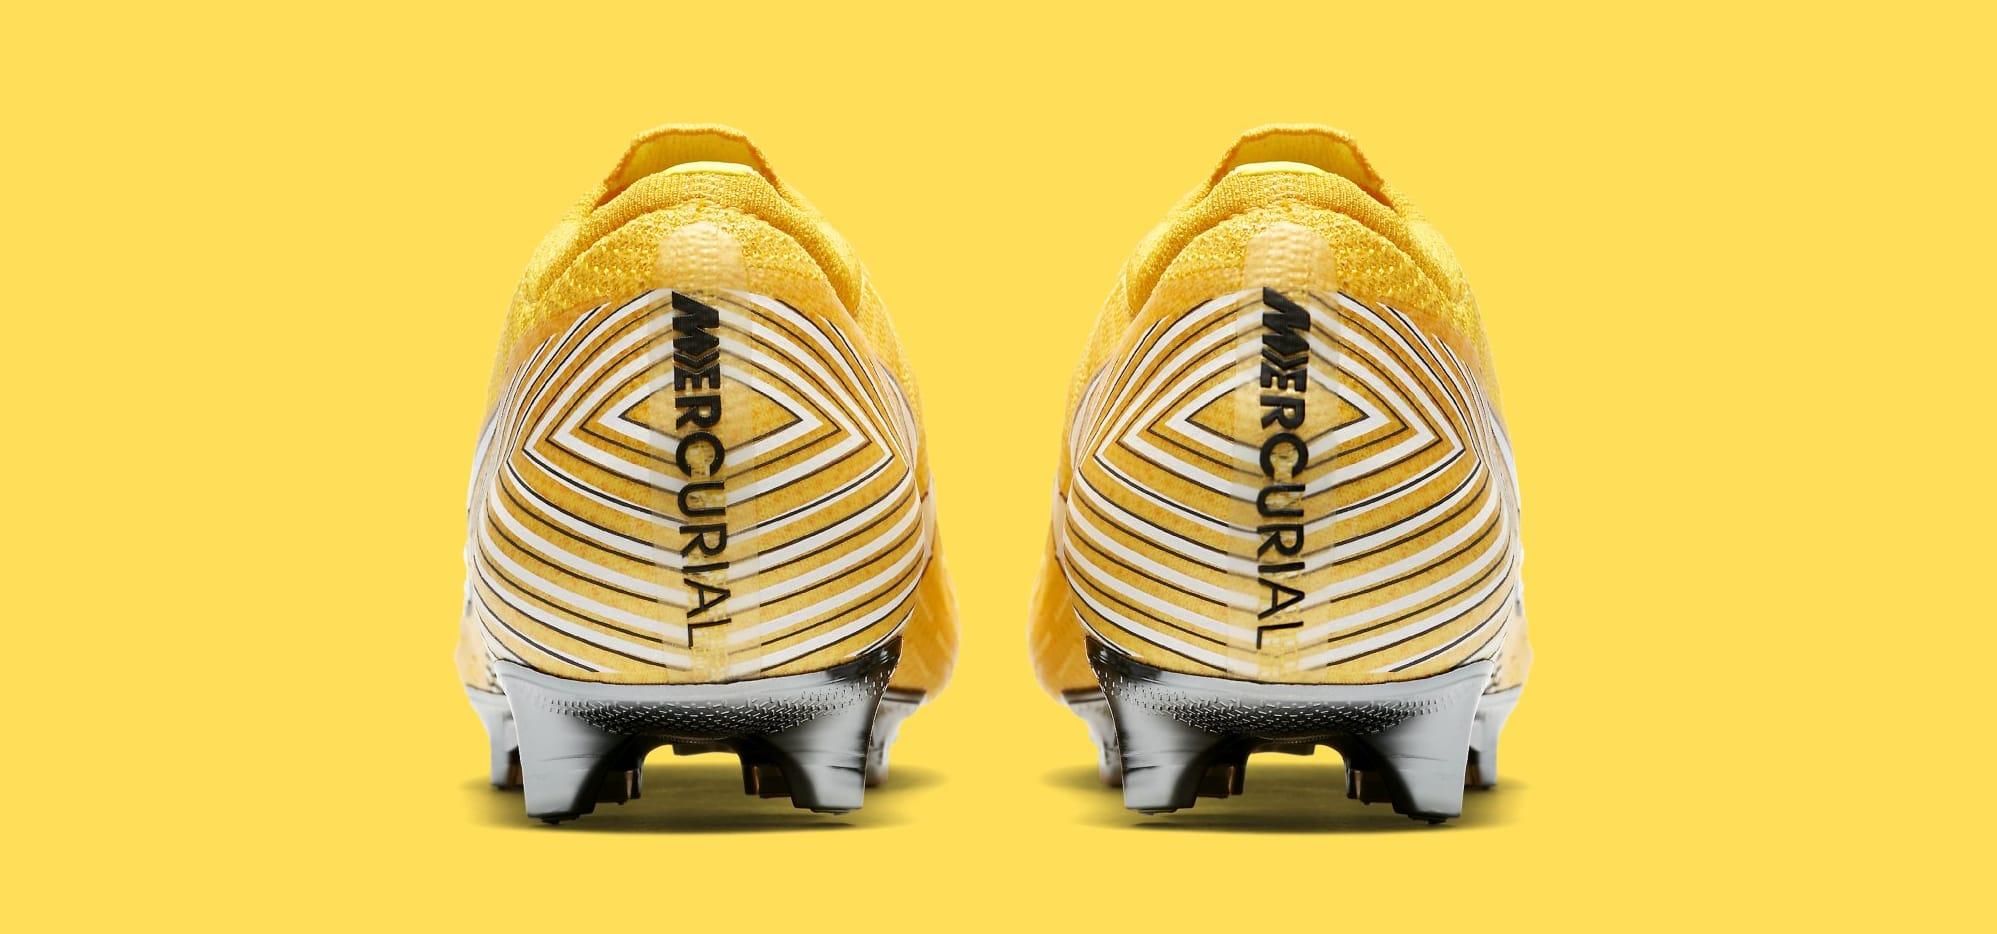 8ecdc1121 Image via Nike Nike Mercurial Vapor 360  Meu Jogo  Neymar Jr. AO3126-710  (Heel